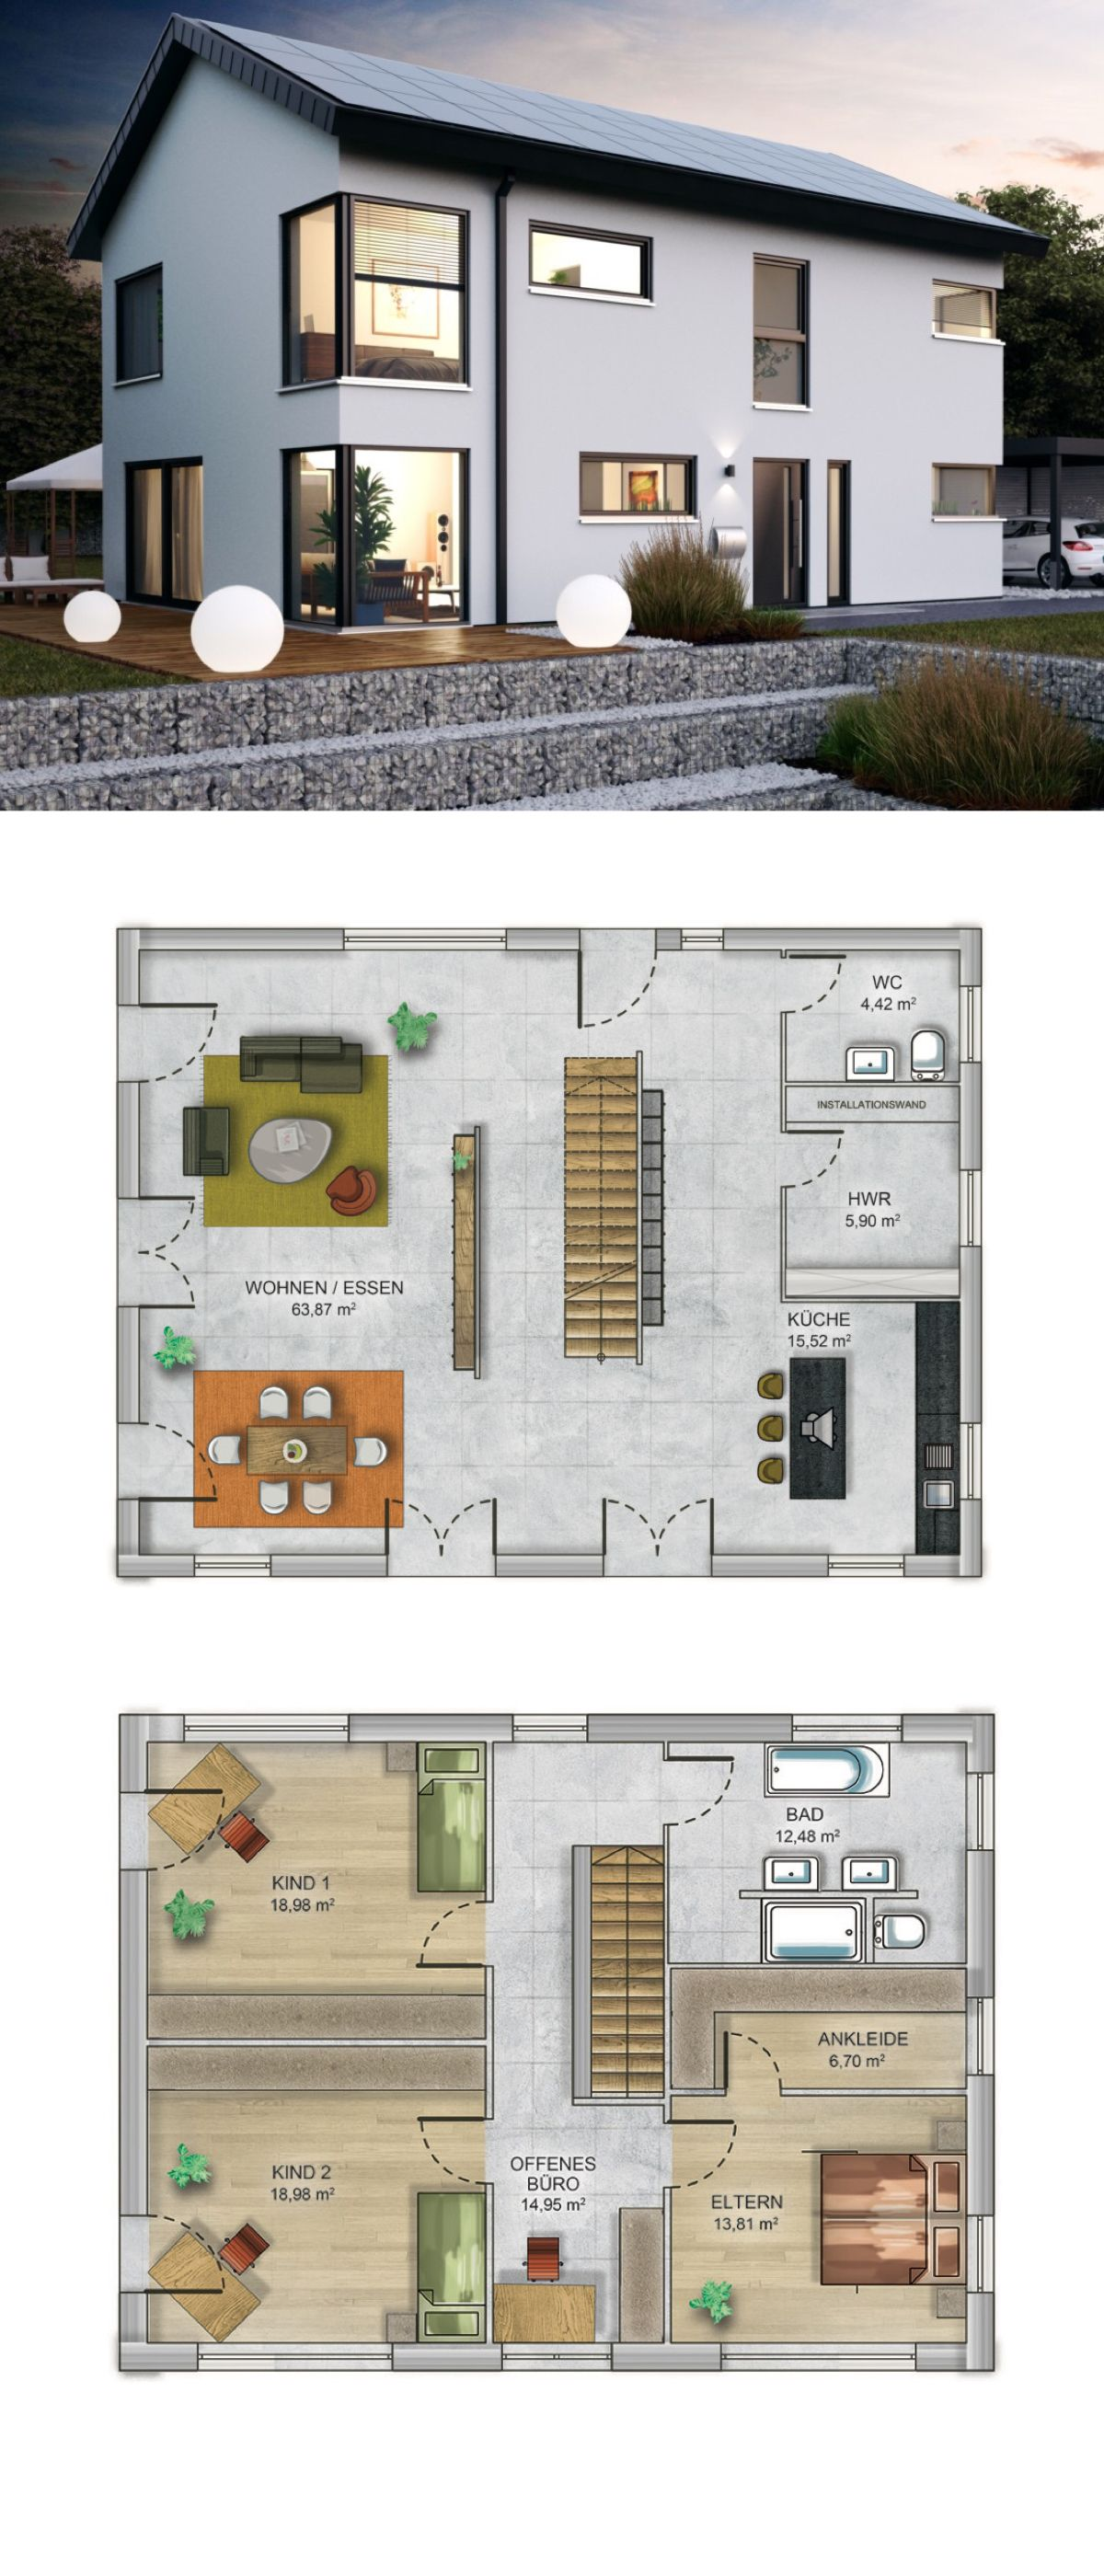 Einfamilienhaus Modern Mit Satteldach Fertighaus Massiv Bauen